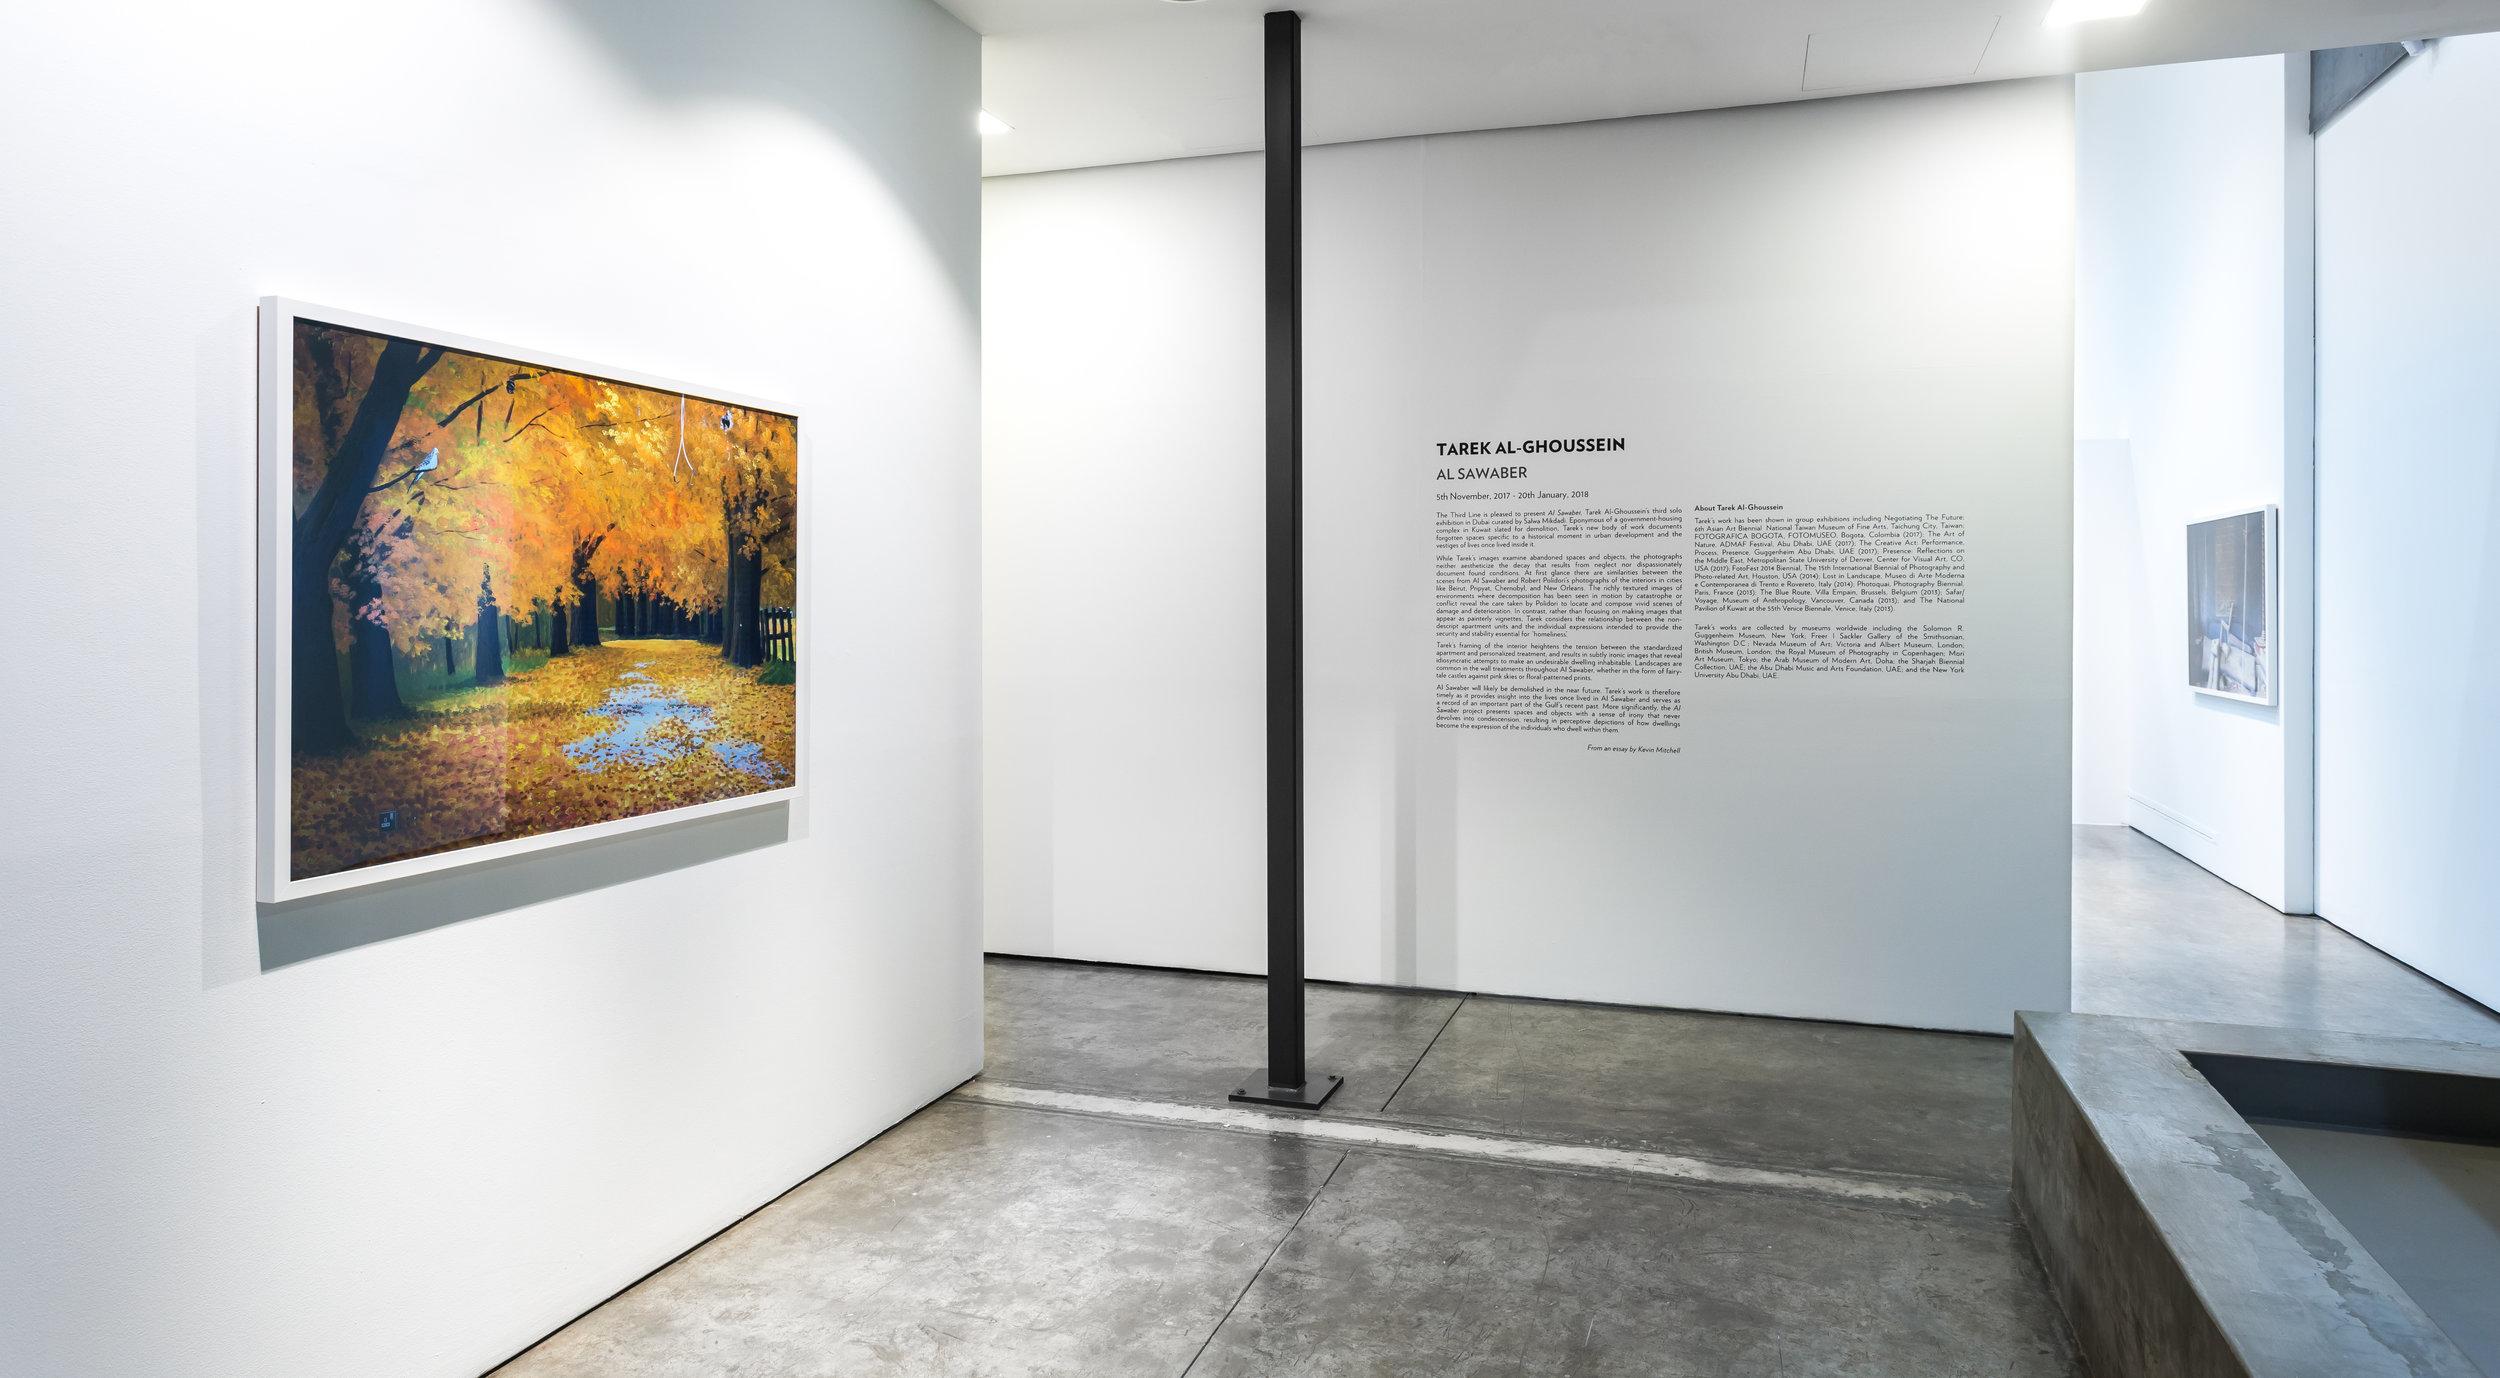 Tarek Al-Ghoussein_Al Sawaber_2017_The Third Line_Installation view_41.jpg